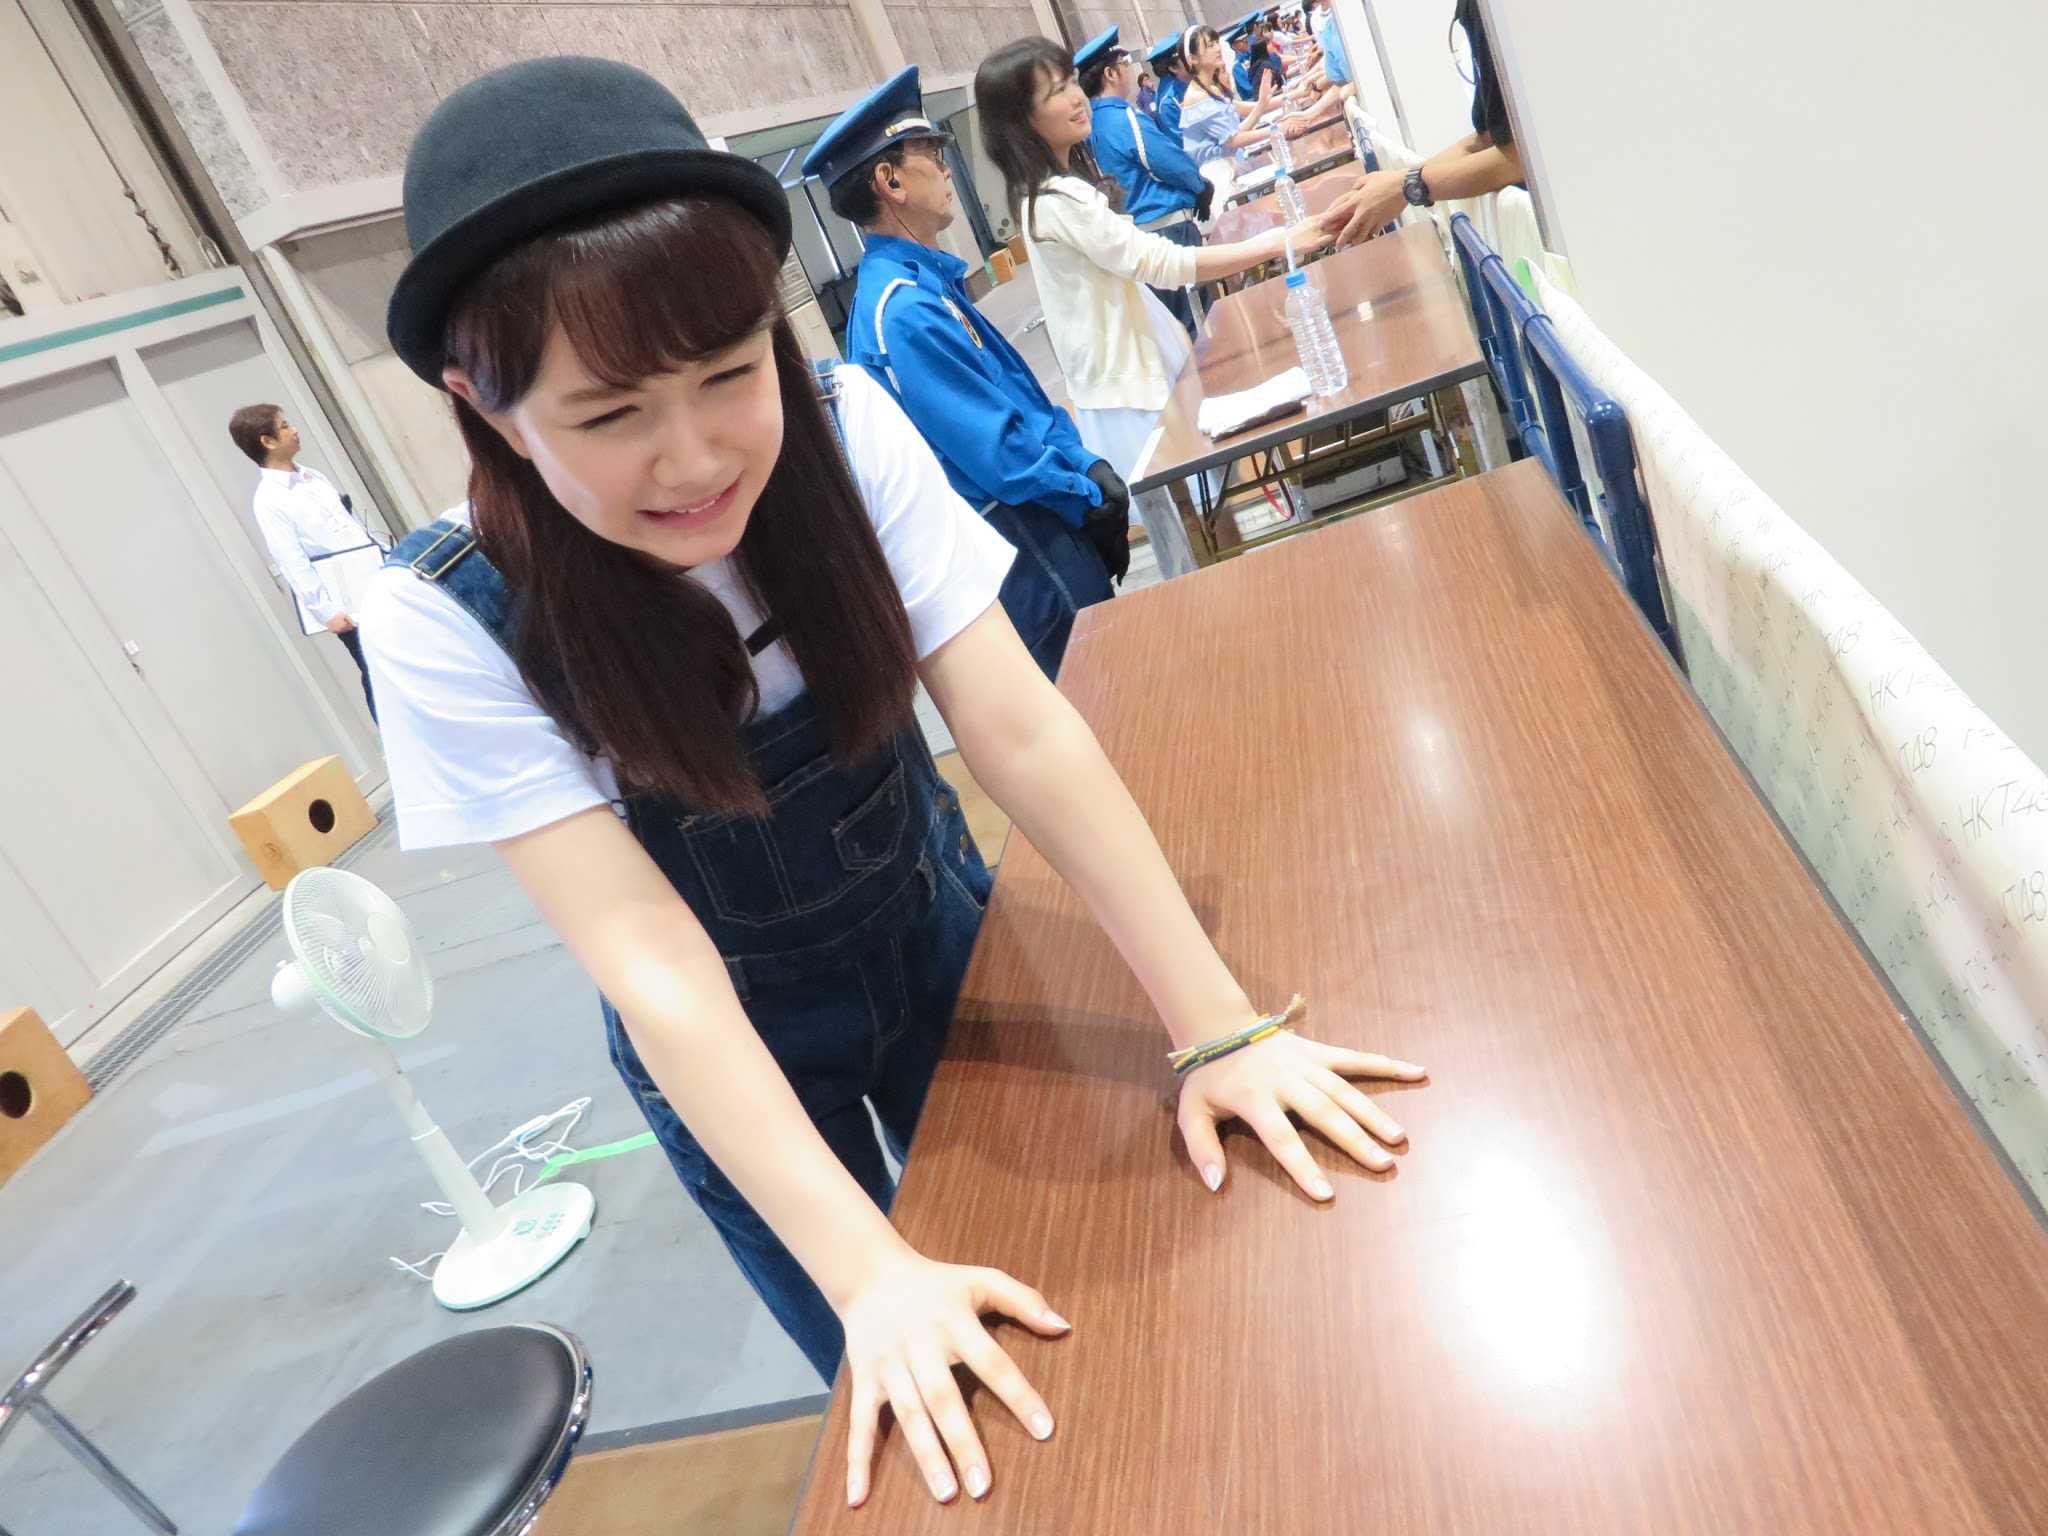 murashige anna 01